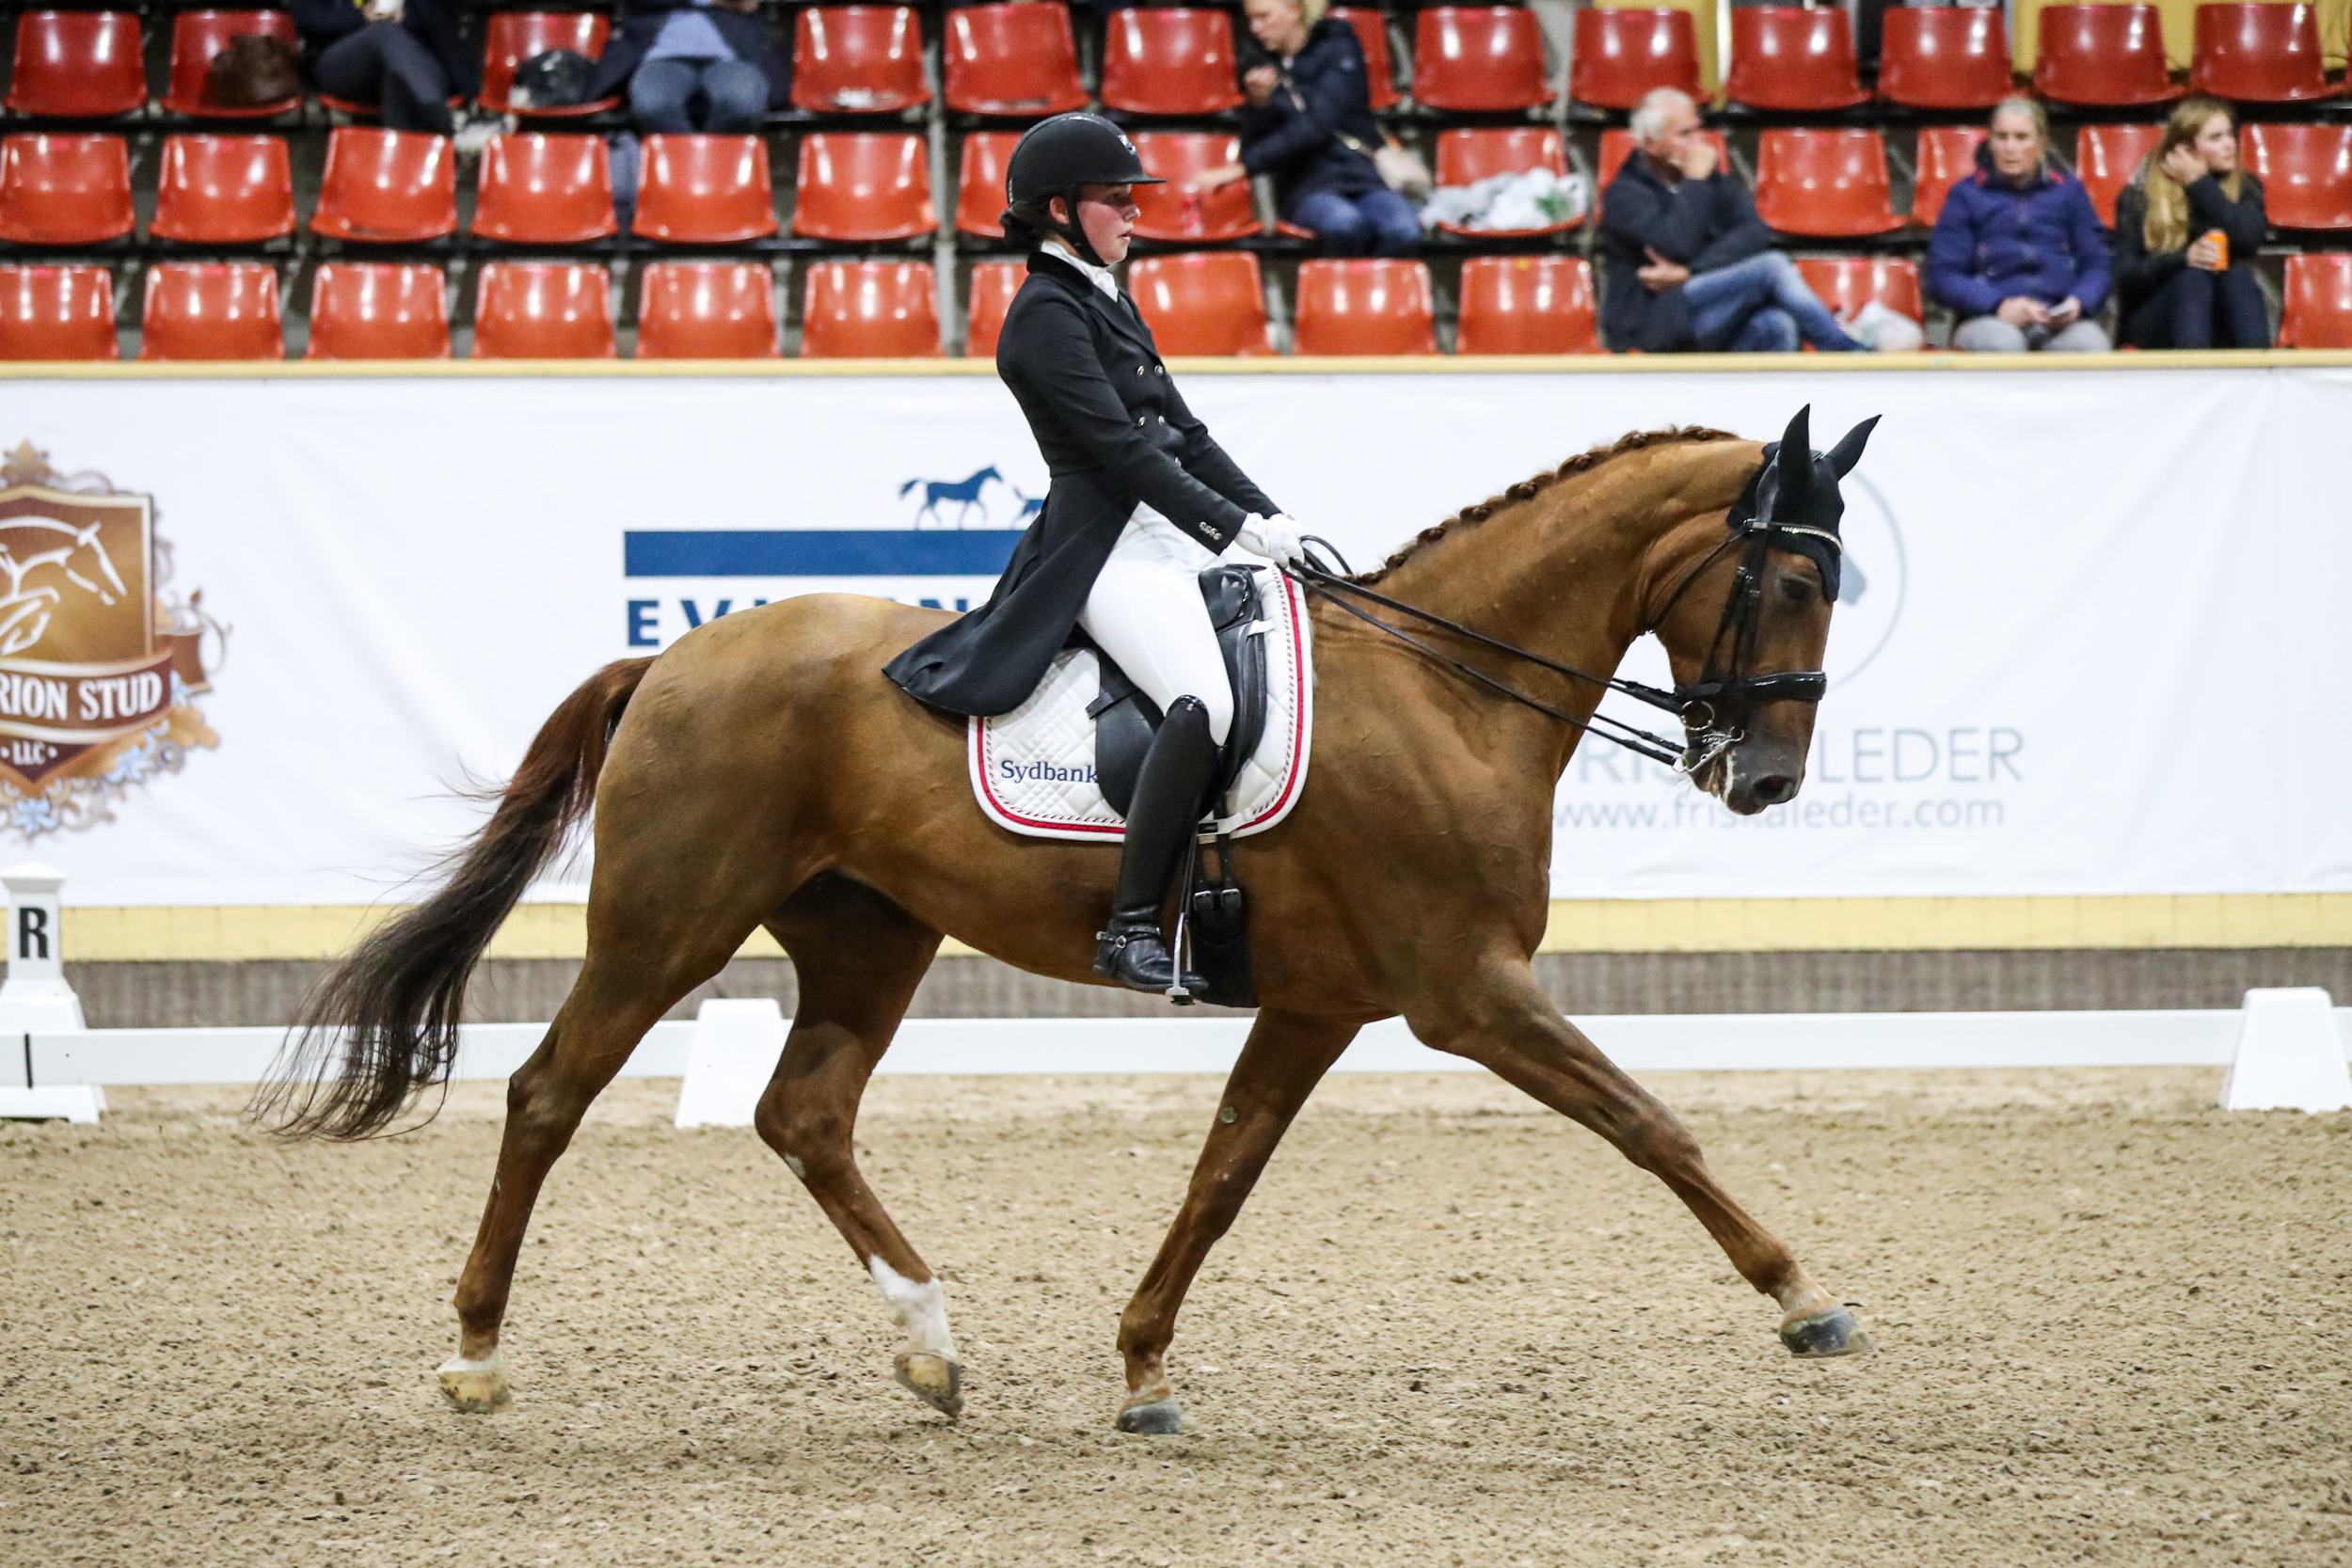 Victoria Kuusisto Pedersen Langkjærgaards Donna Fetti-6228